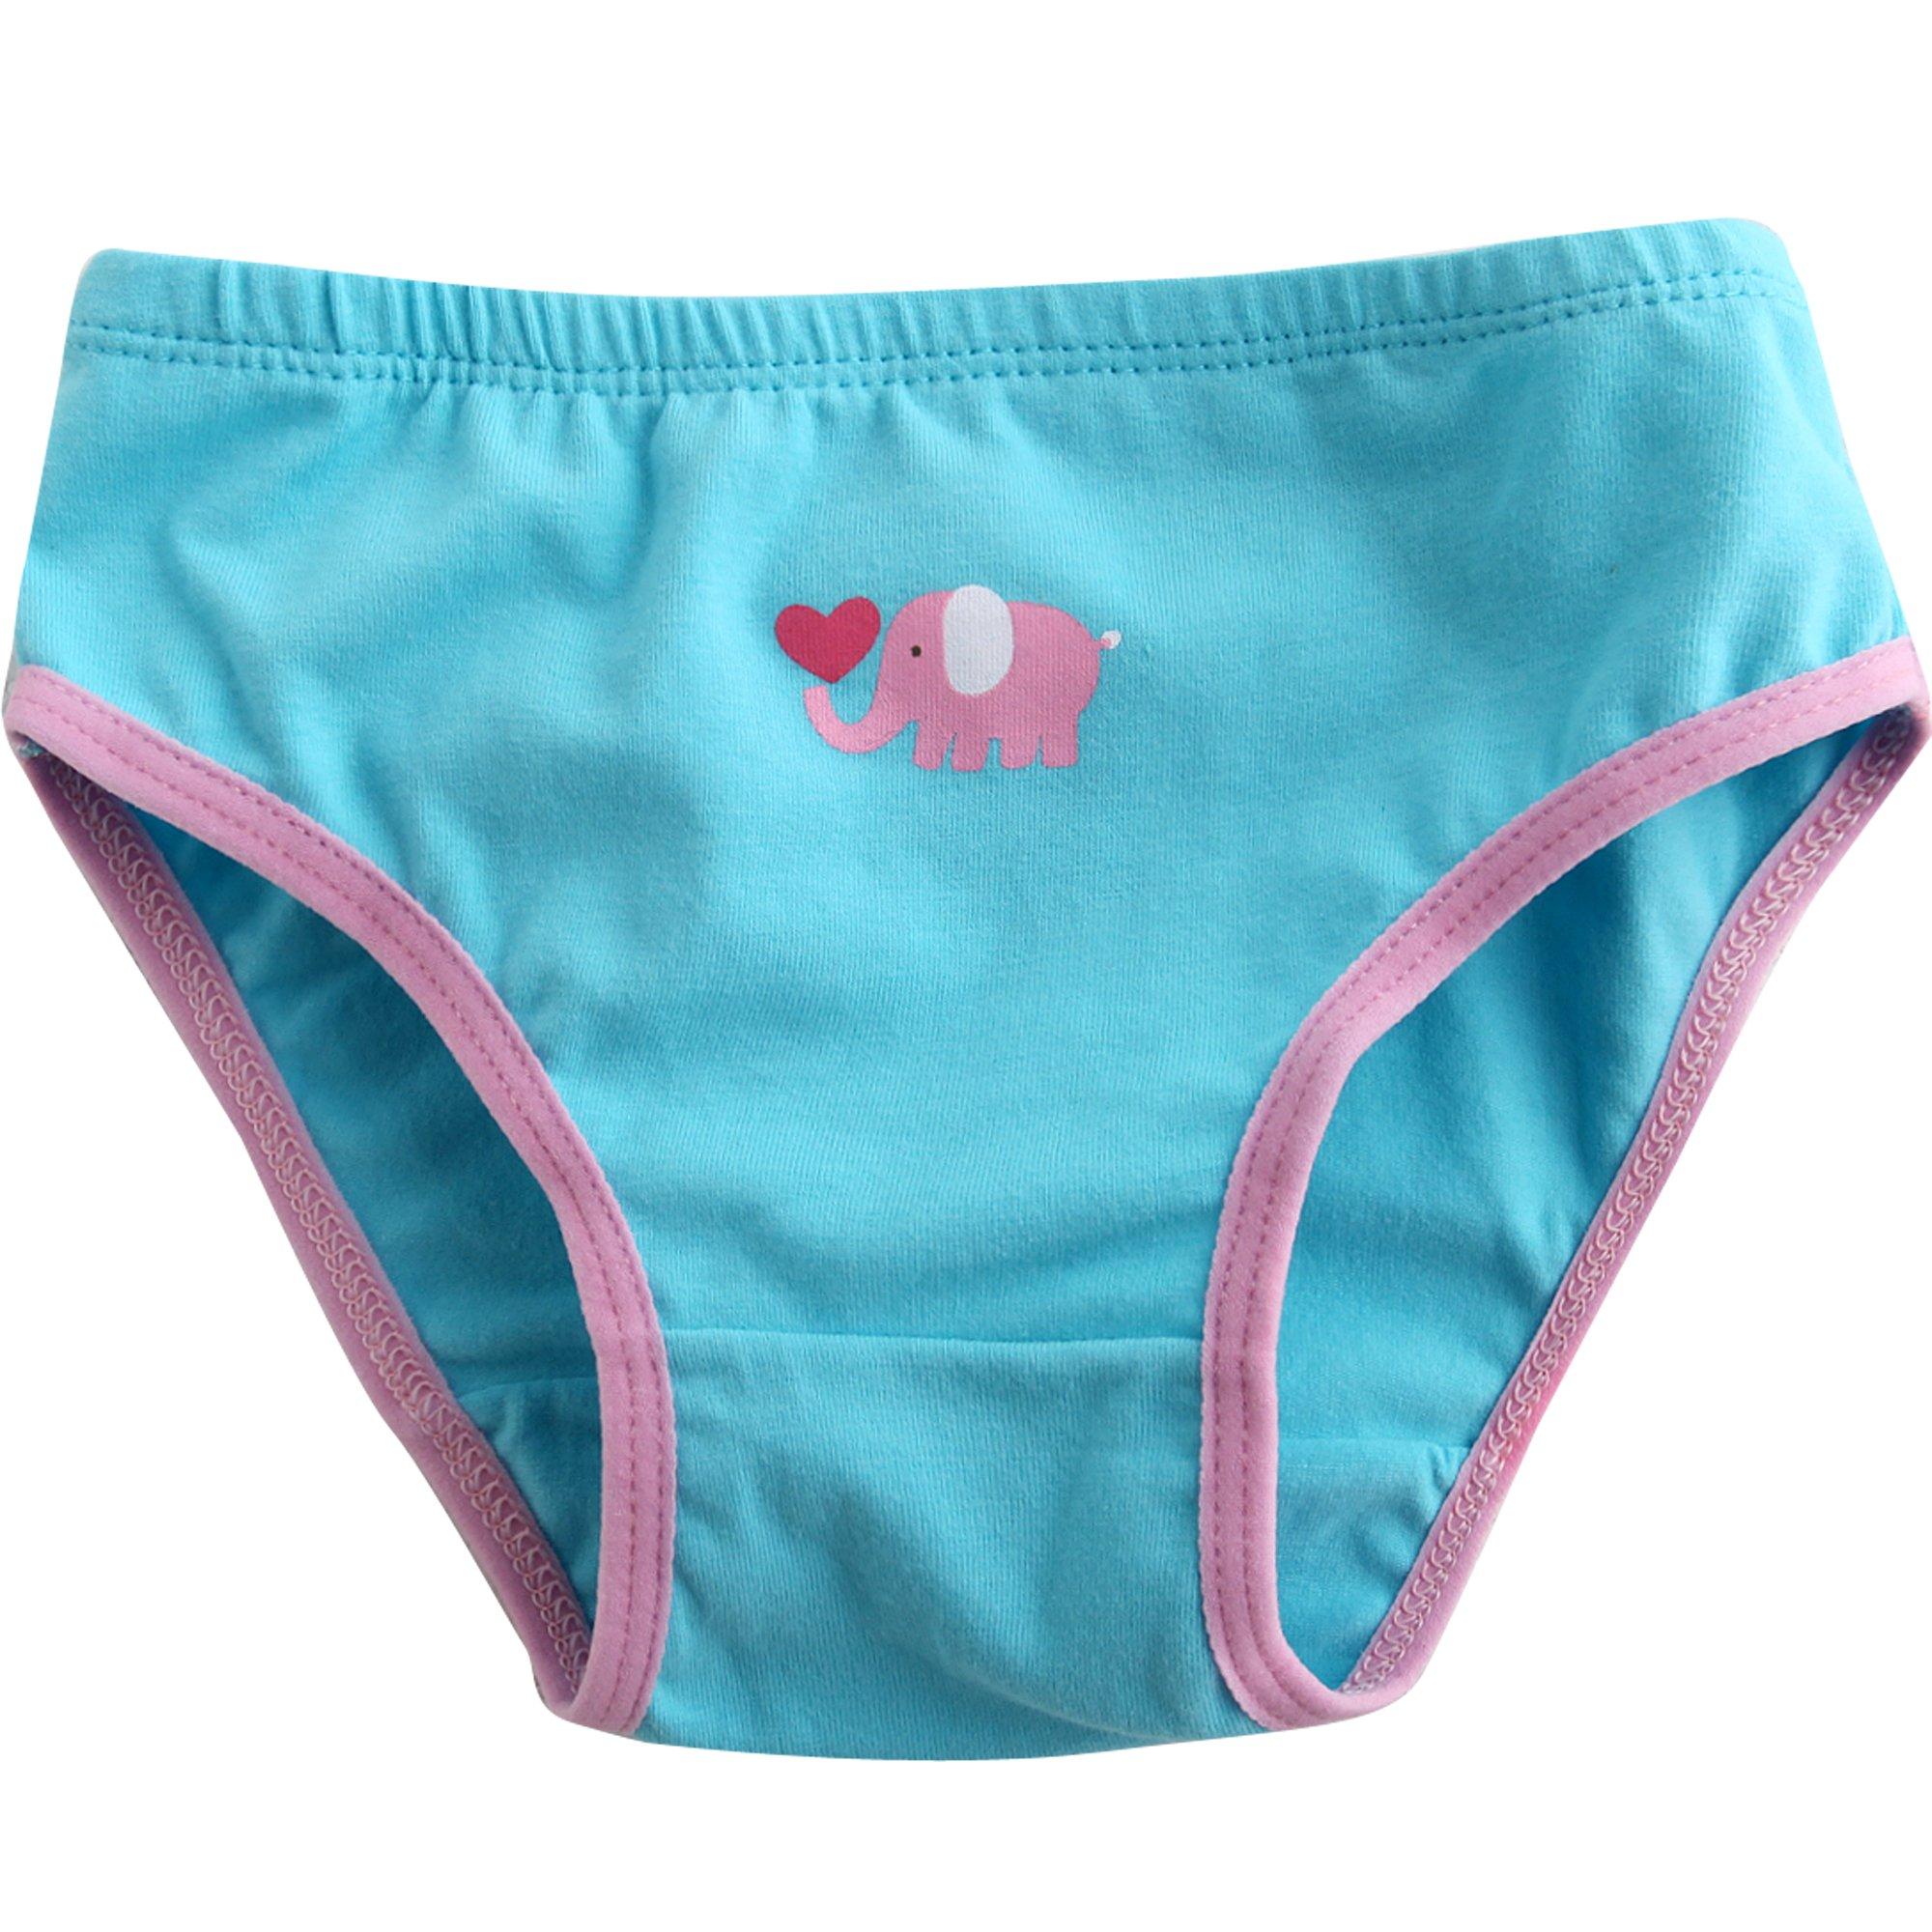 Vaenait baby 2-7 Yrs Girls Briefs 3-Pack Underwear Set White Pansy